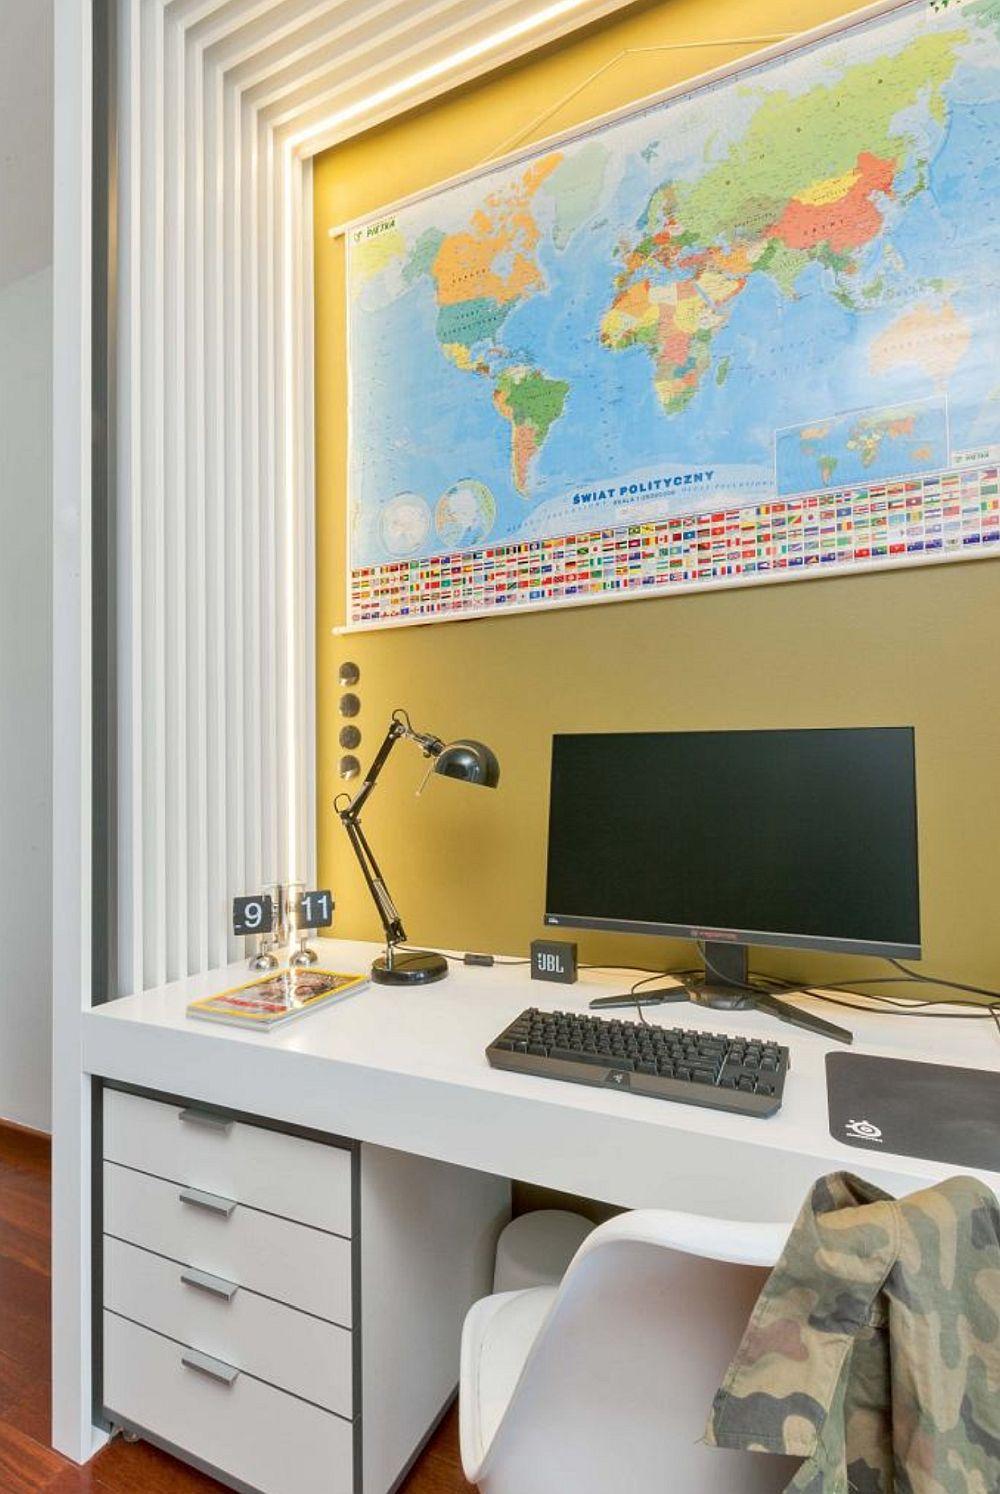 DUPĂ REAMENAJARE, locul de birou este foarte bine organizat, cu sertare în care lucrurile pot fi ținute în ordine, dar și locul hărții este excelent aici. Pentru stimularea atenției, necesară în zona de studiu, dar și pentru un efect de luminozitate, designerul a prevăzut ca peretele din zonă să fie zugrăvit în galben, punctând astfel locul de birou.